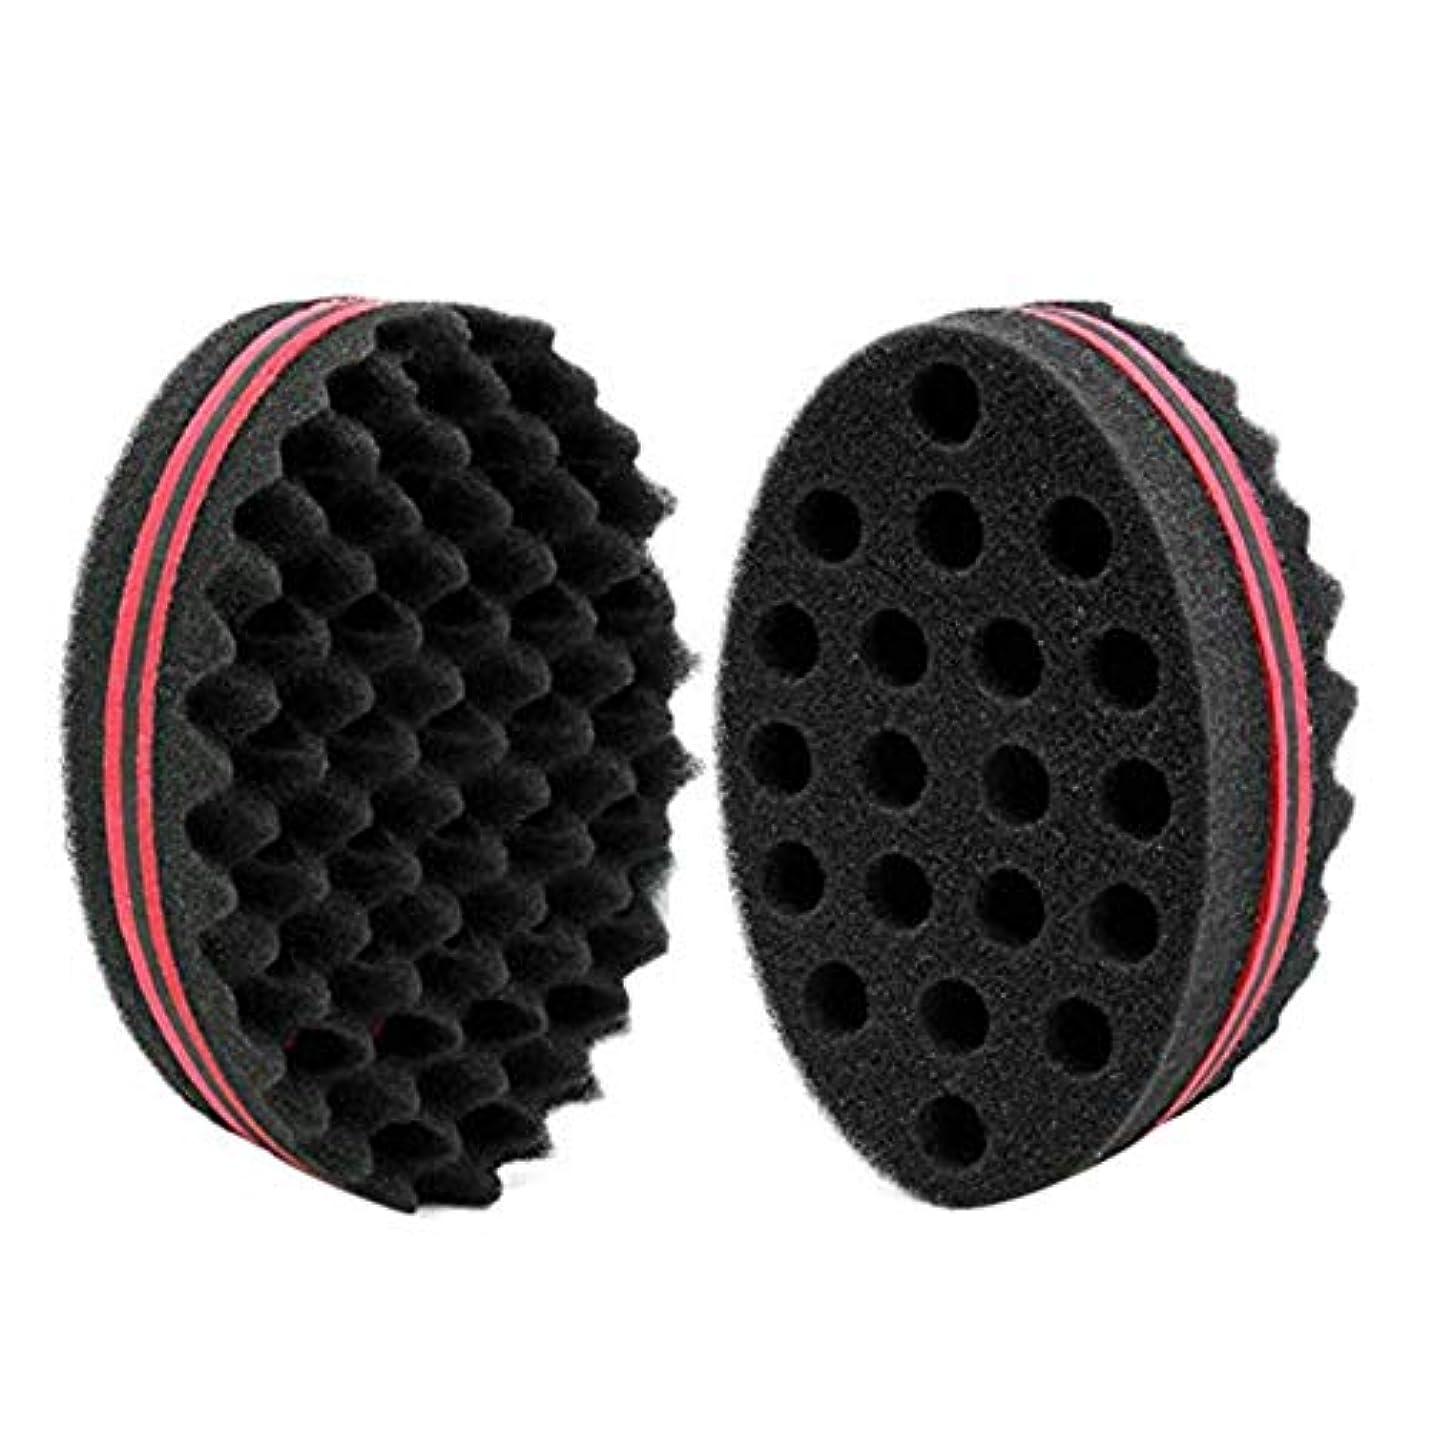 大気黒板ハブカールヘアスポンジグローブブラシバーバー波ツイストのカーリーヘアスタイリング マジックビューティーツール